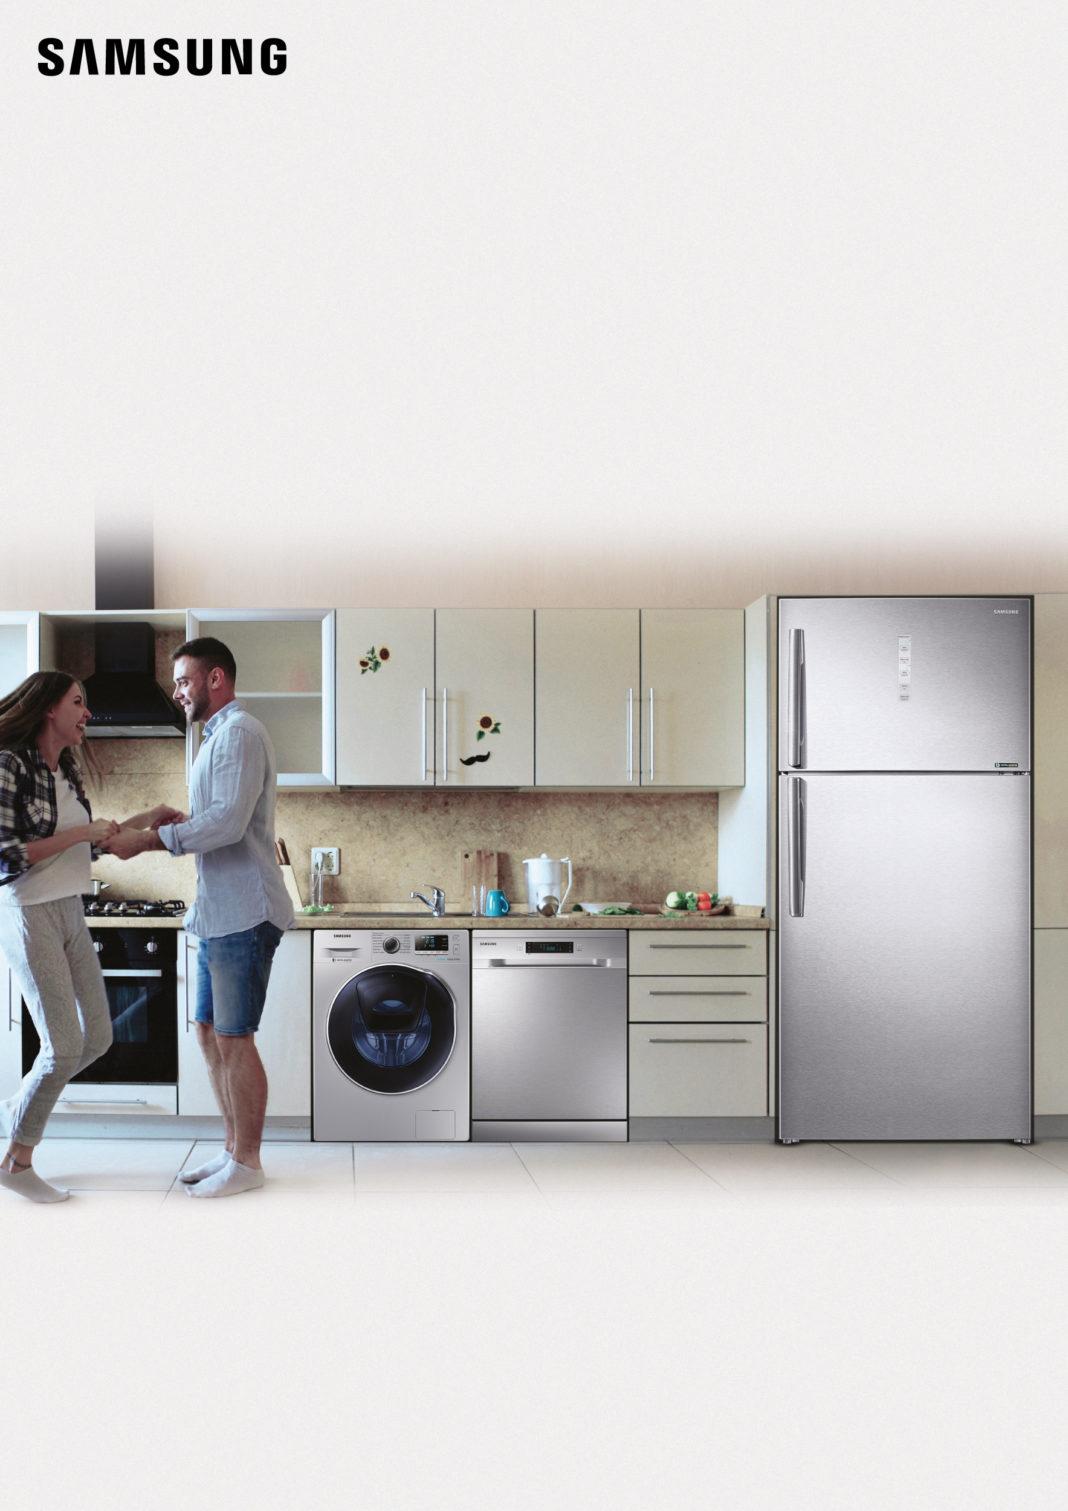 Samsung'dan Evlenmeyi Dusunen ciftlere ozel Kampanya